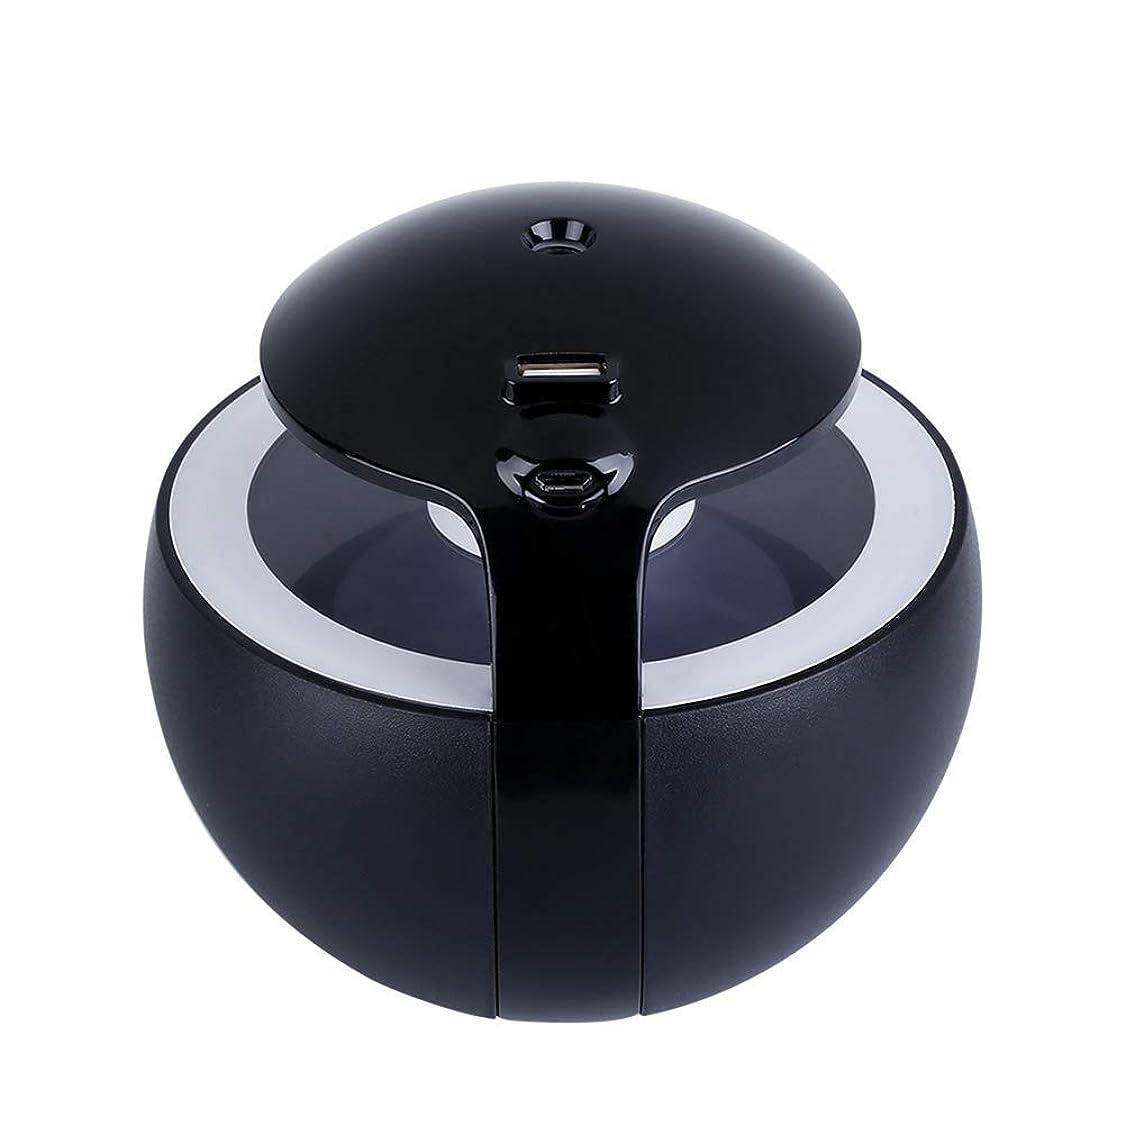 コイルどう?マトリックスナイトエルフ加湿器多機能USB小型ライト小型ファンホームデスクトップエアコンルーム加湿,Black